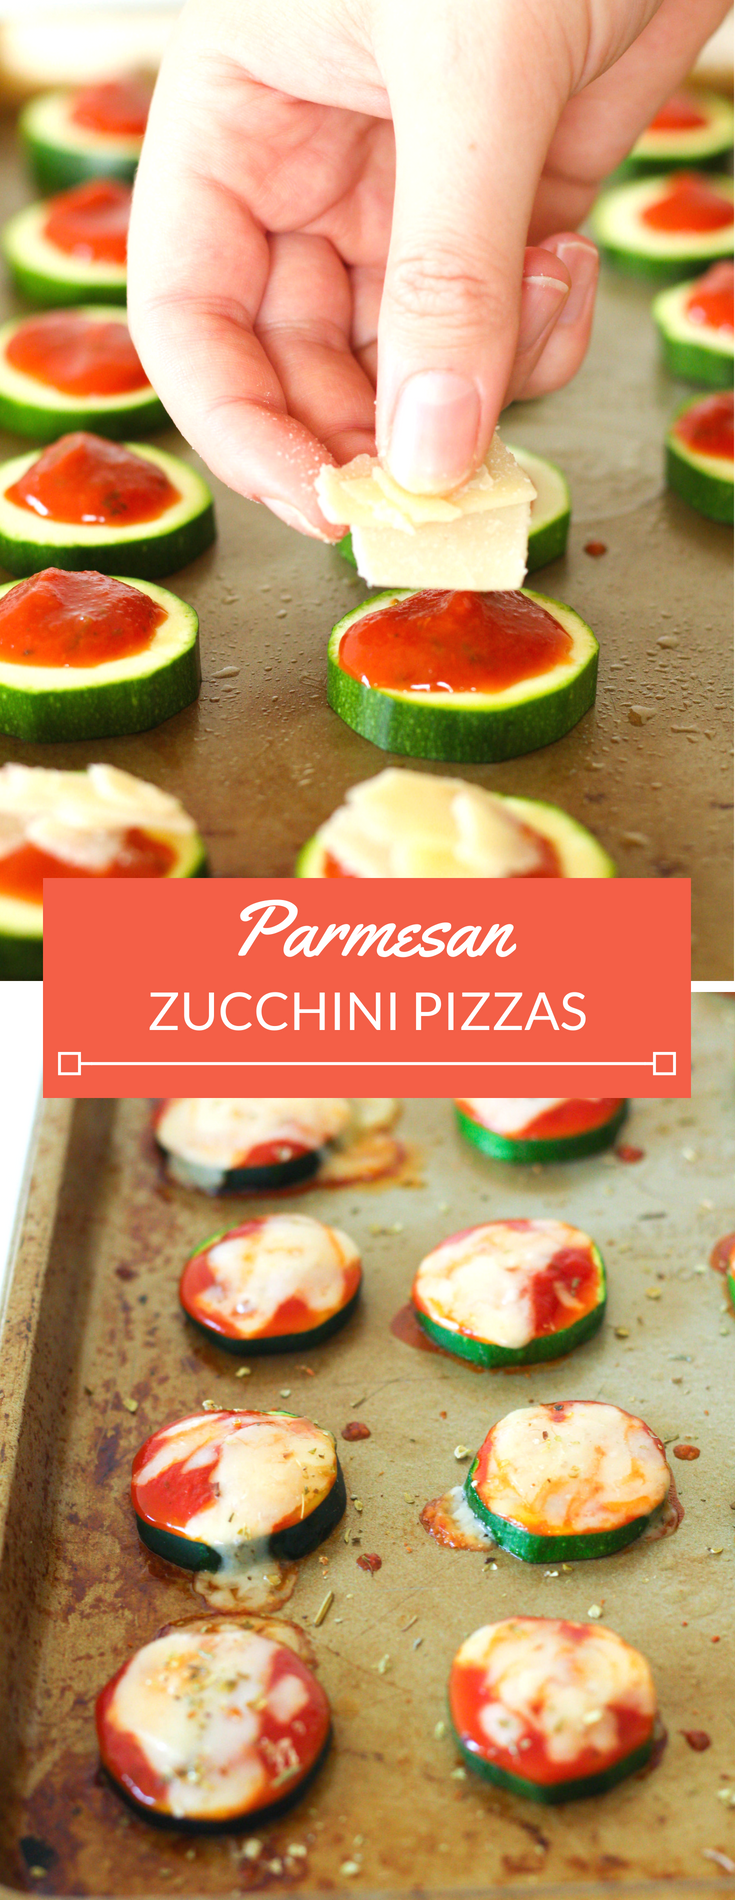 Quick Veggie Side: Parmesan Zucchini Pizzas